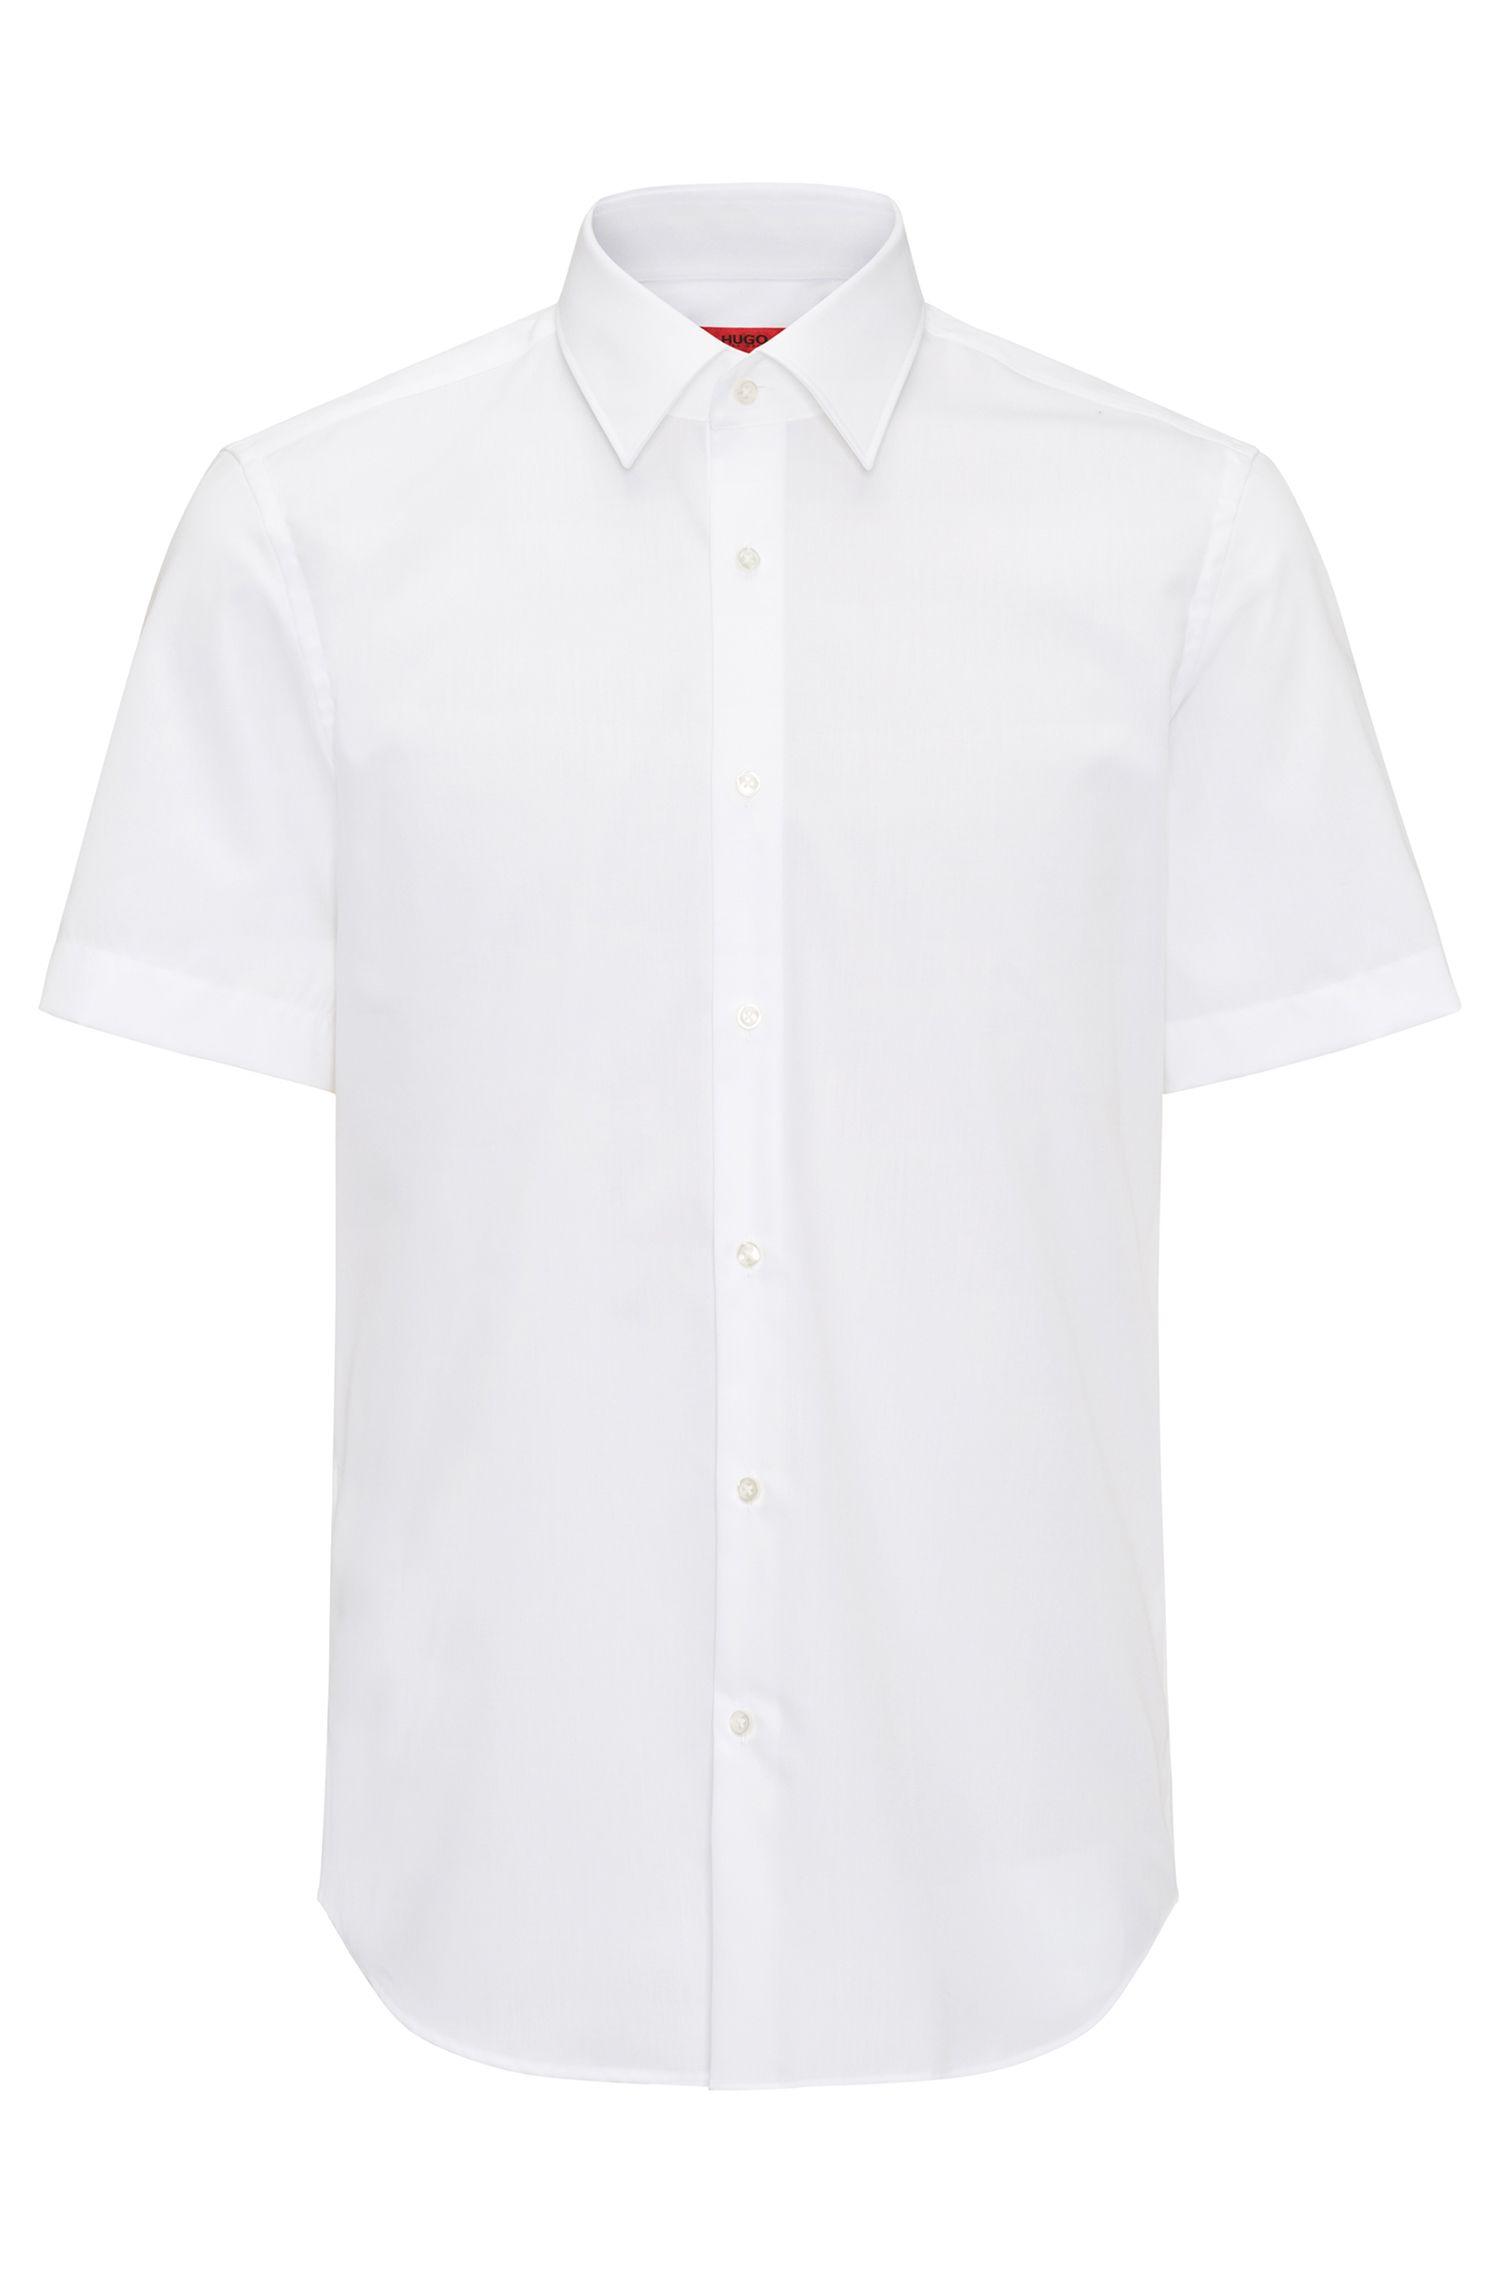 Regular-fit short-sleeved shirt in cotton poplin